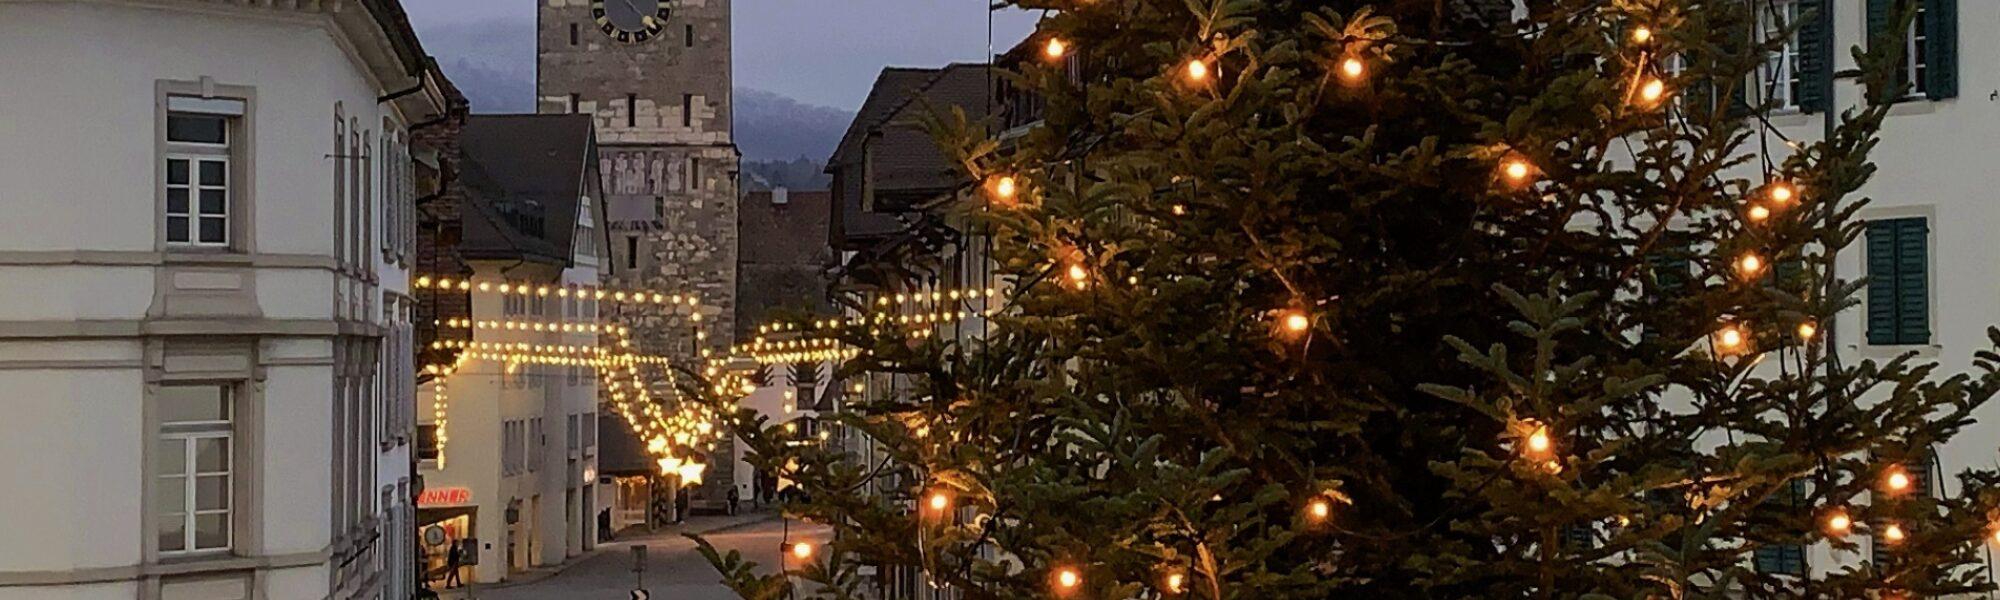 Spannende Konzepte für den Weihnachtsmarkt Aarau 2022 gesucht